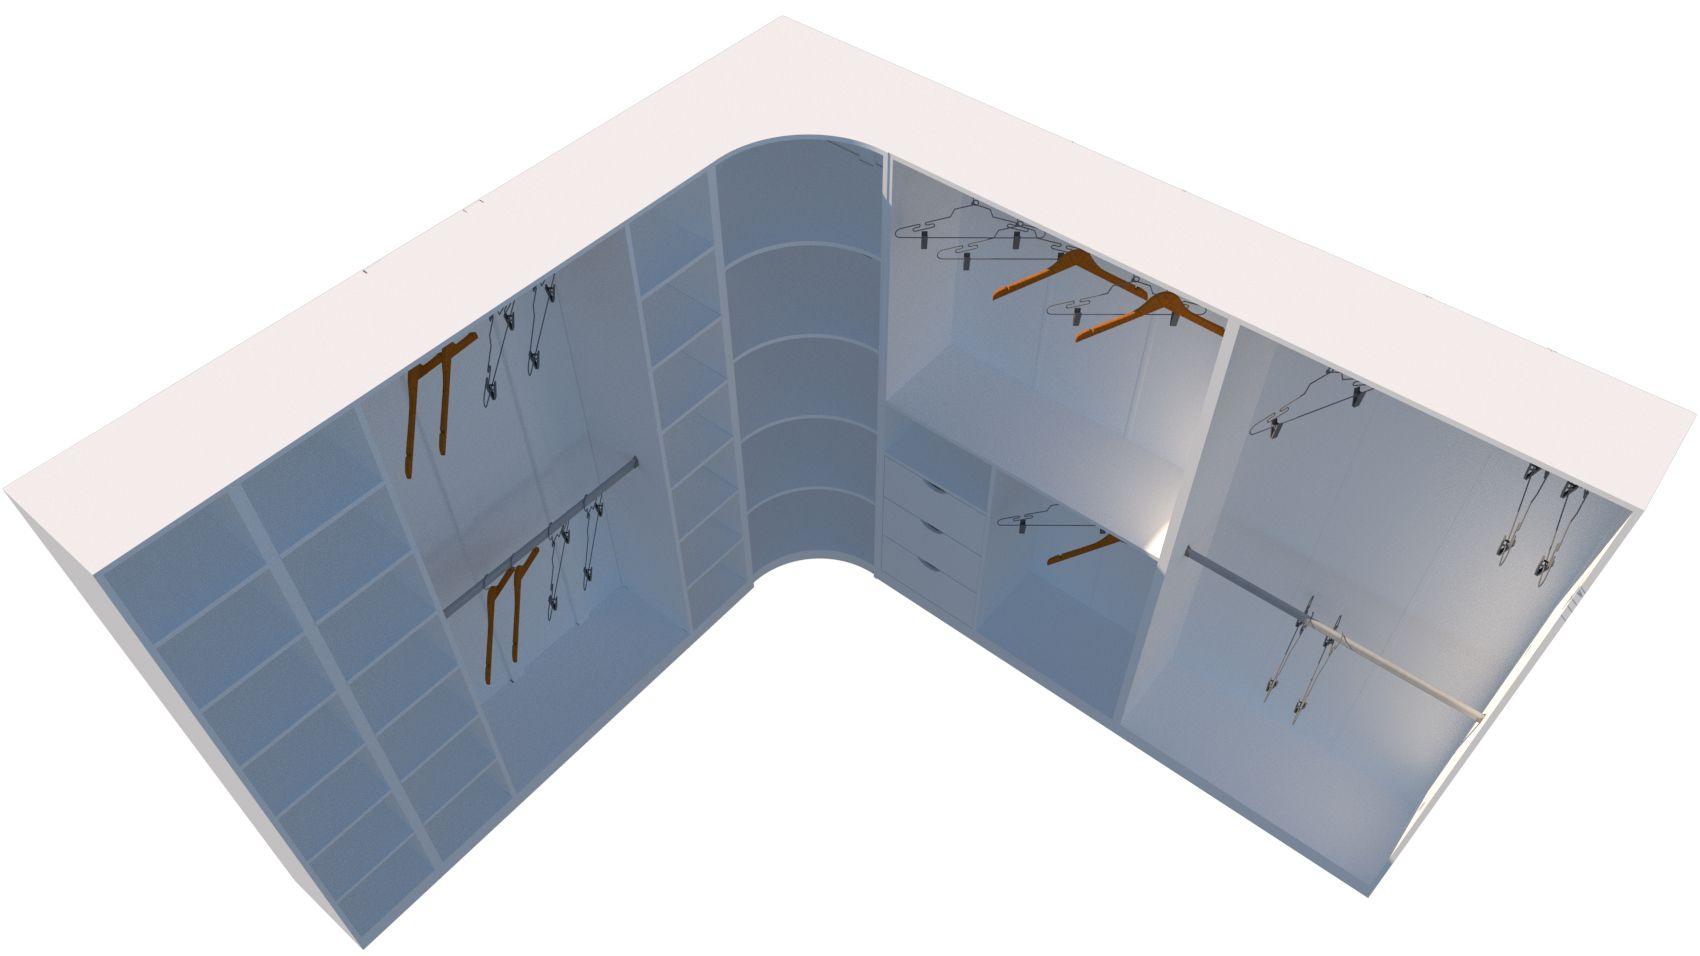 Kit Armário Closet Modulado M23 (colmeia, loja, Expositor, sapateira, roupa, organizador)